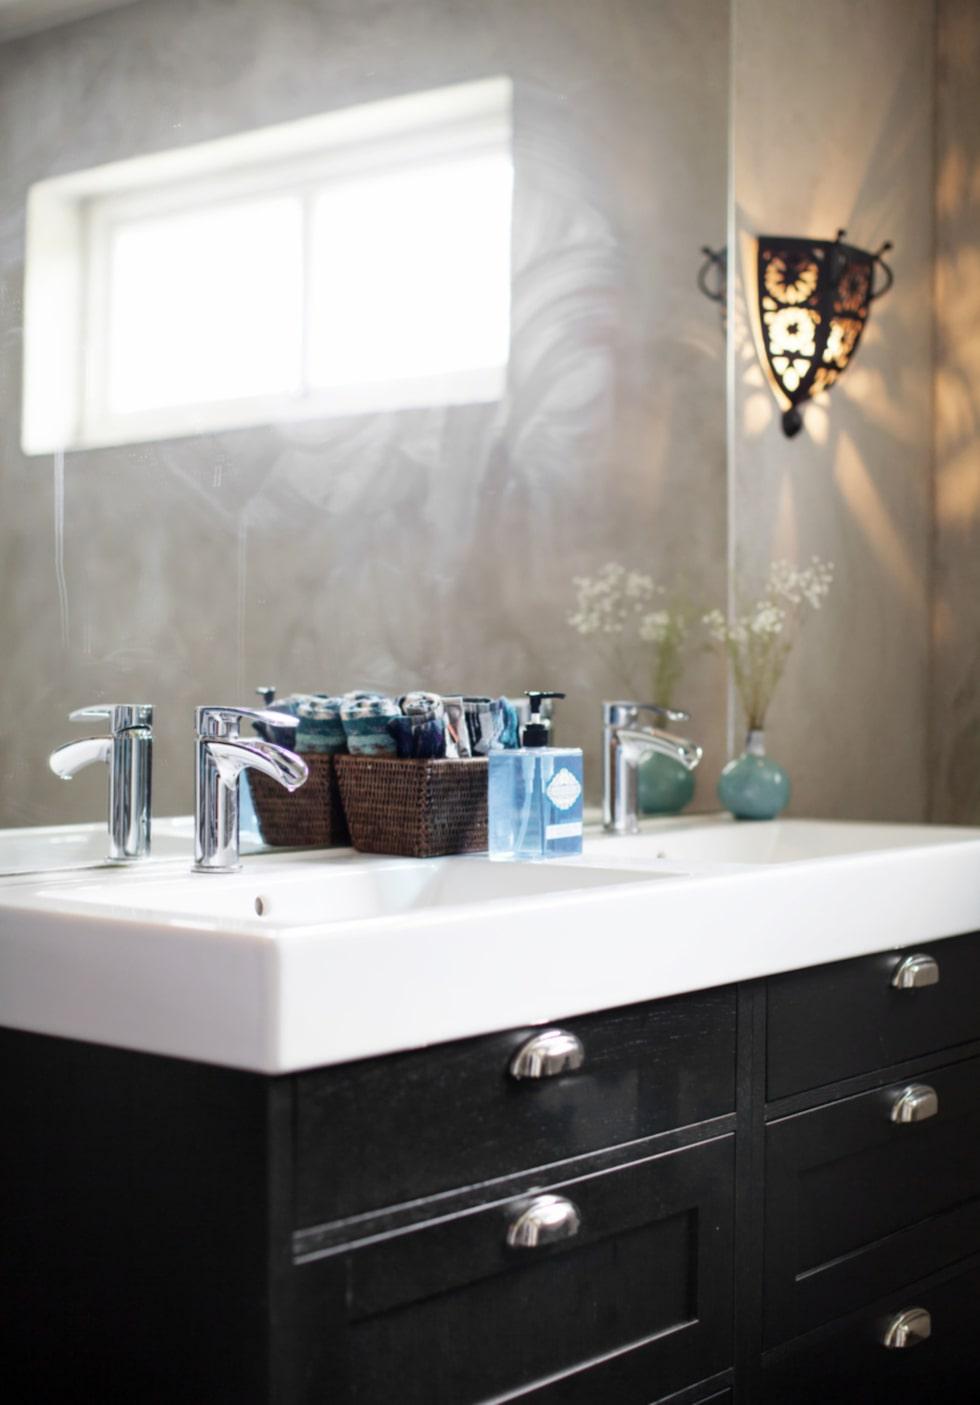 Grå betong. Det nyrenoverade badrummet har väggar av grå betong och inredningen kommer från Ballingslöv.